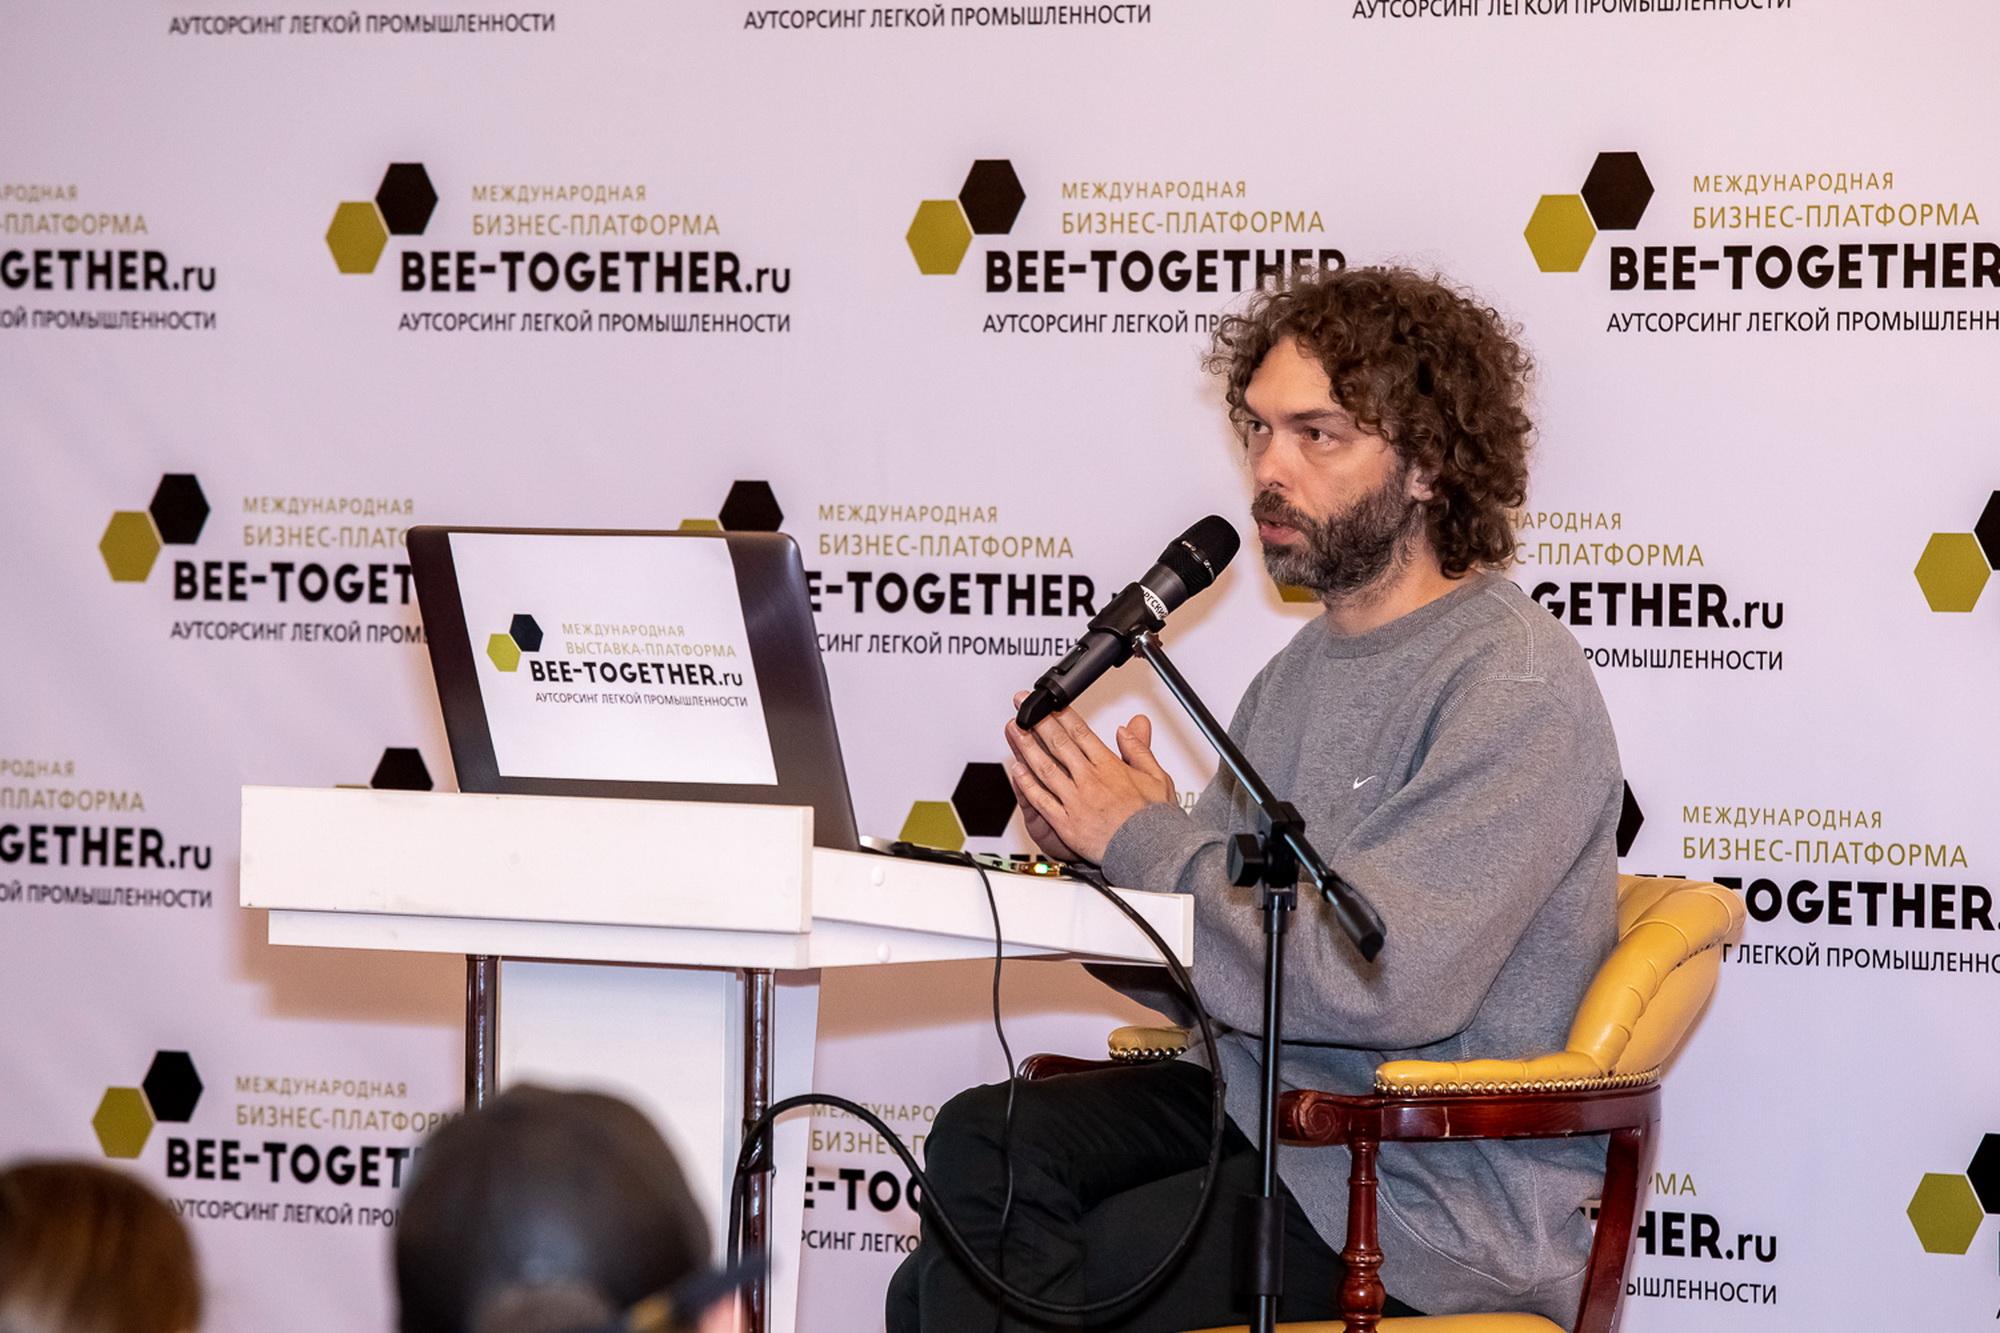 В Москве состоялась 6-я Международная выставка-платформа BEE-TOGETHER.ru